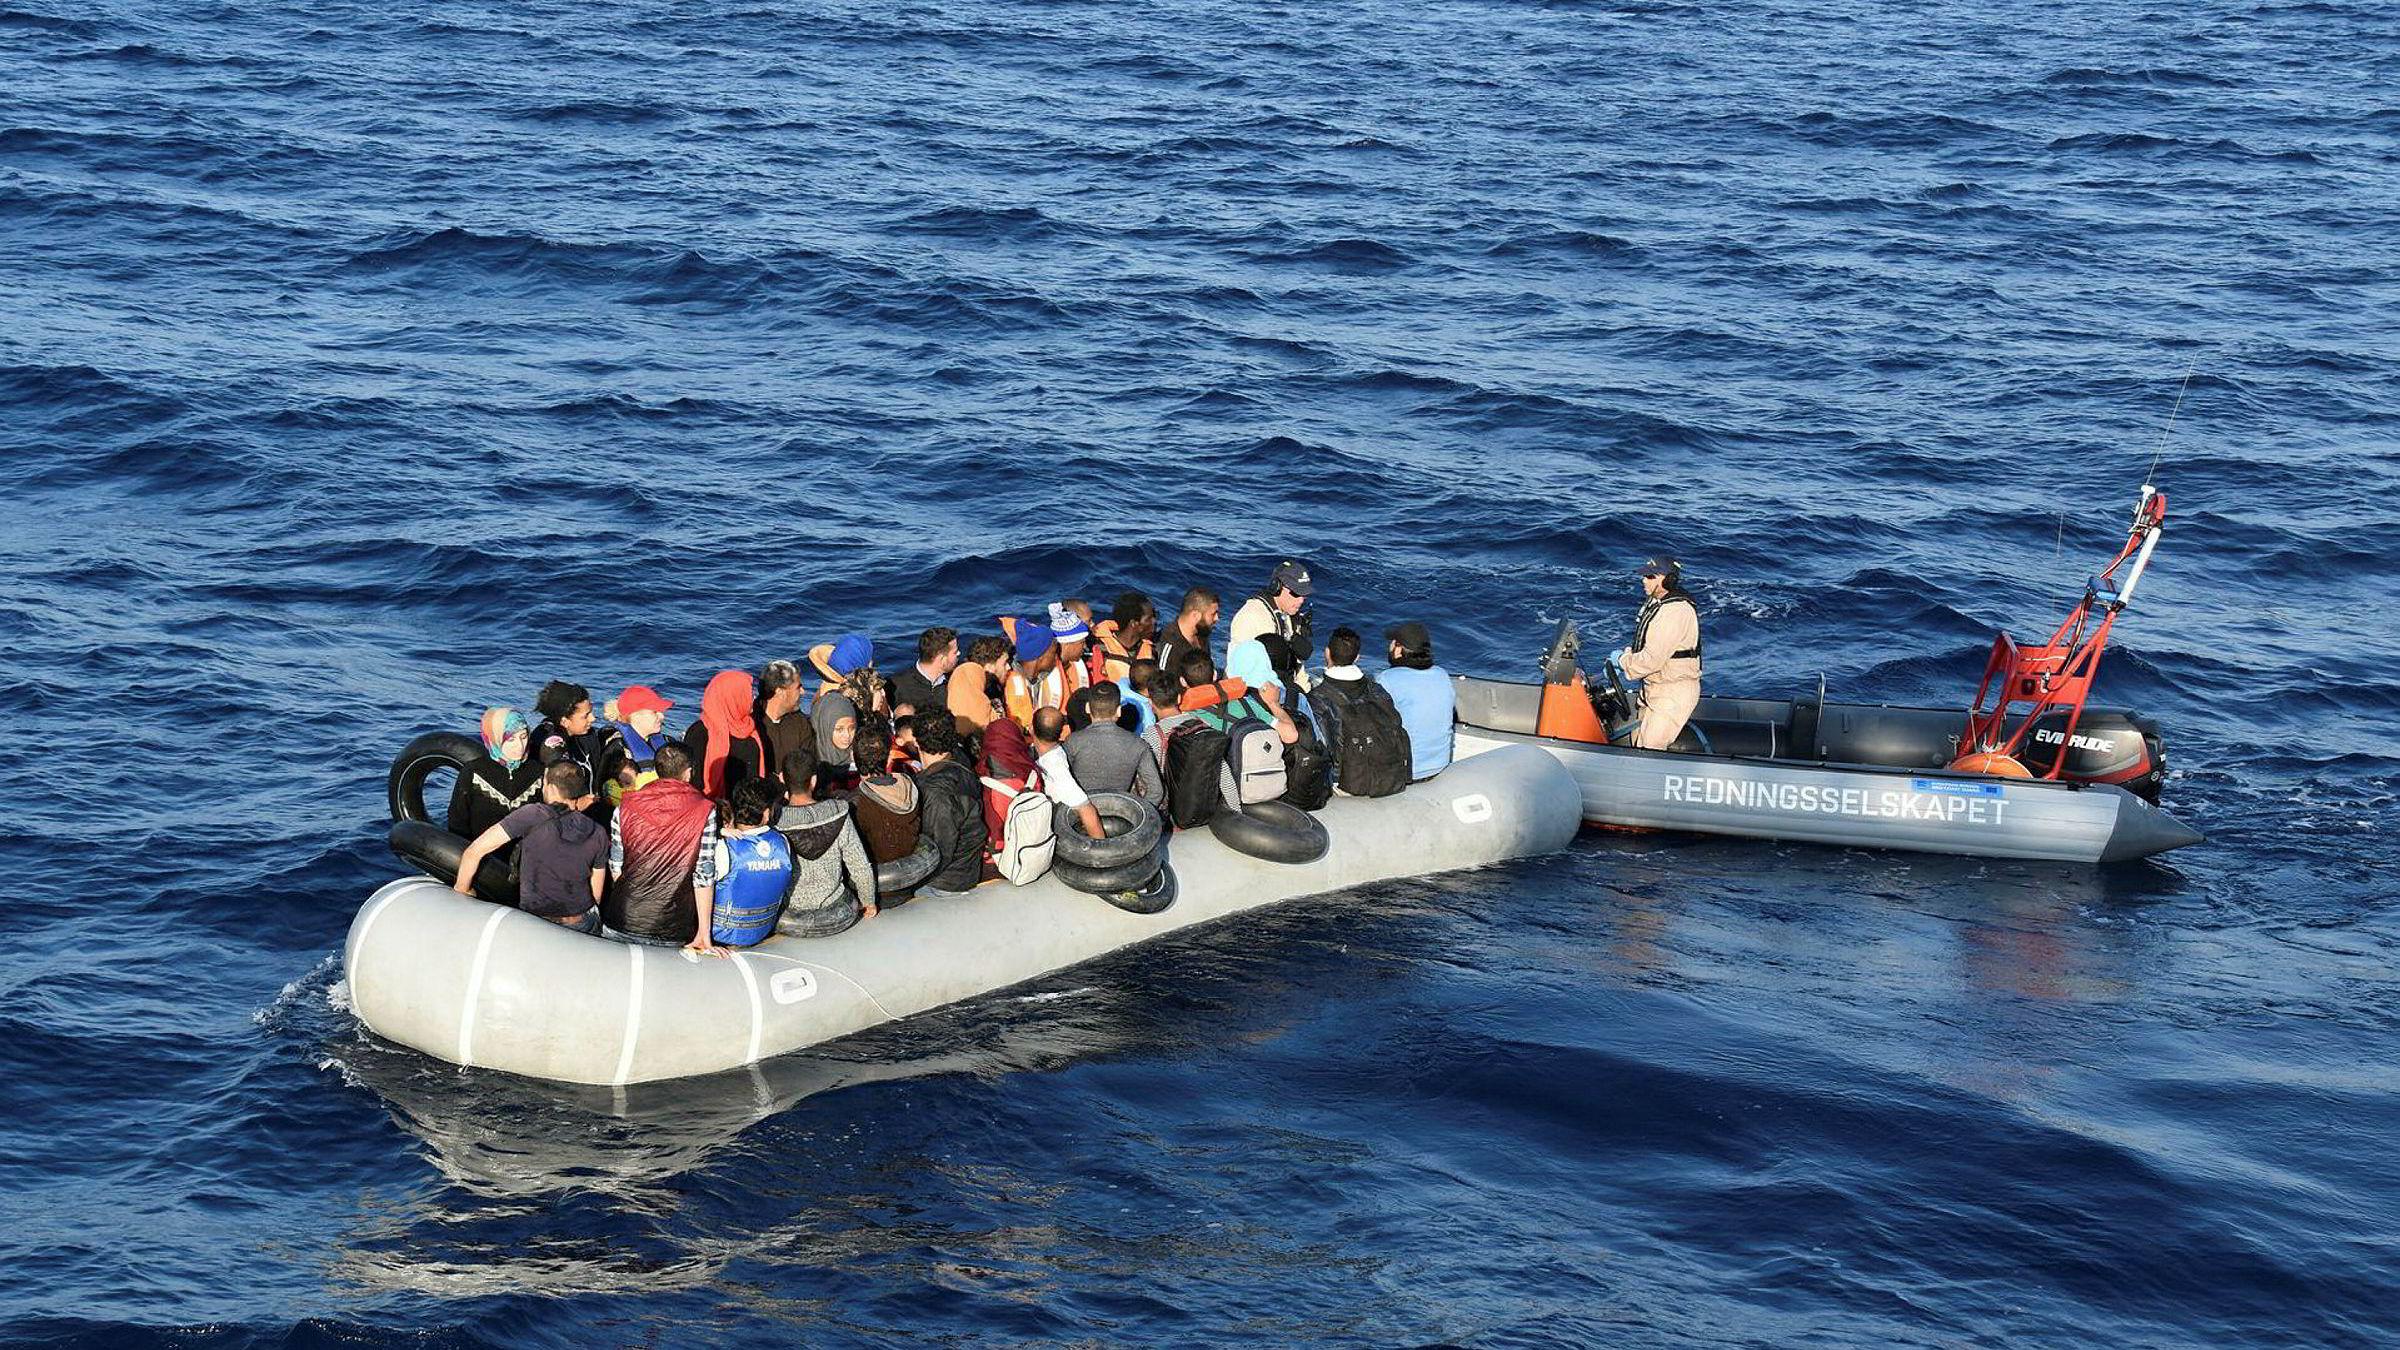 Flyktninger i Middelhavet utenfor den greske øya Lesvos, som fikk hjelp av redningsskøyta Peter Henry von Koss. Syriske flyktninger var den gruppen som økte mest i fjor.